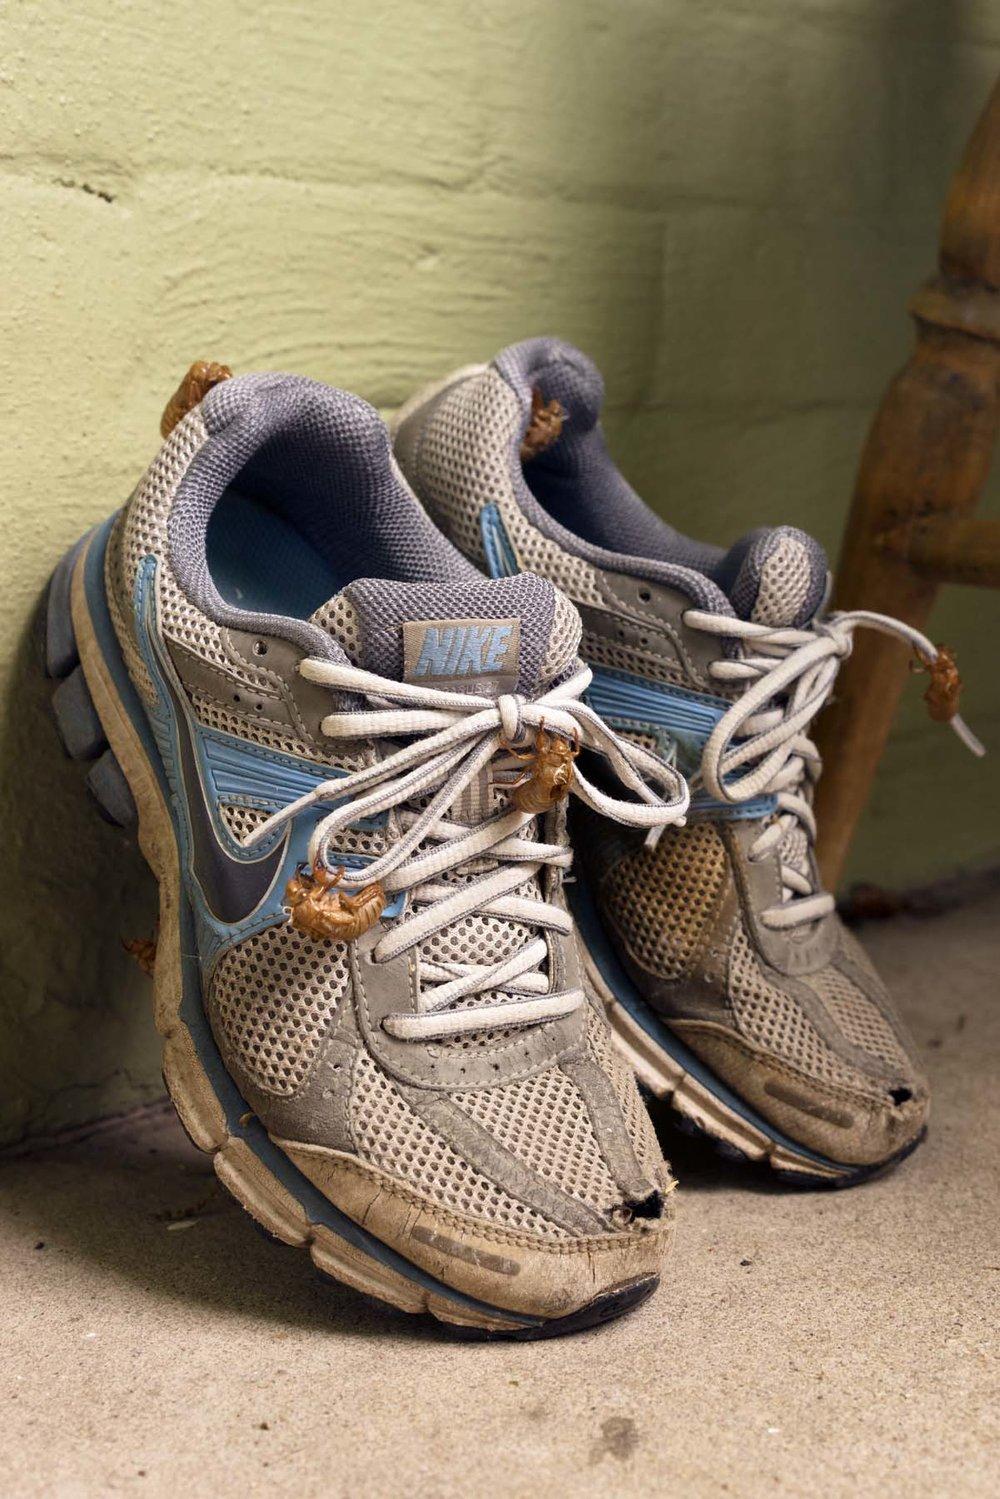 Nikes, 2016